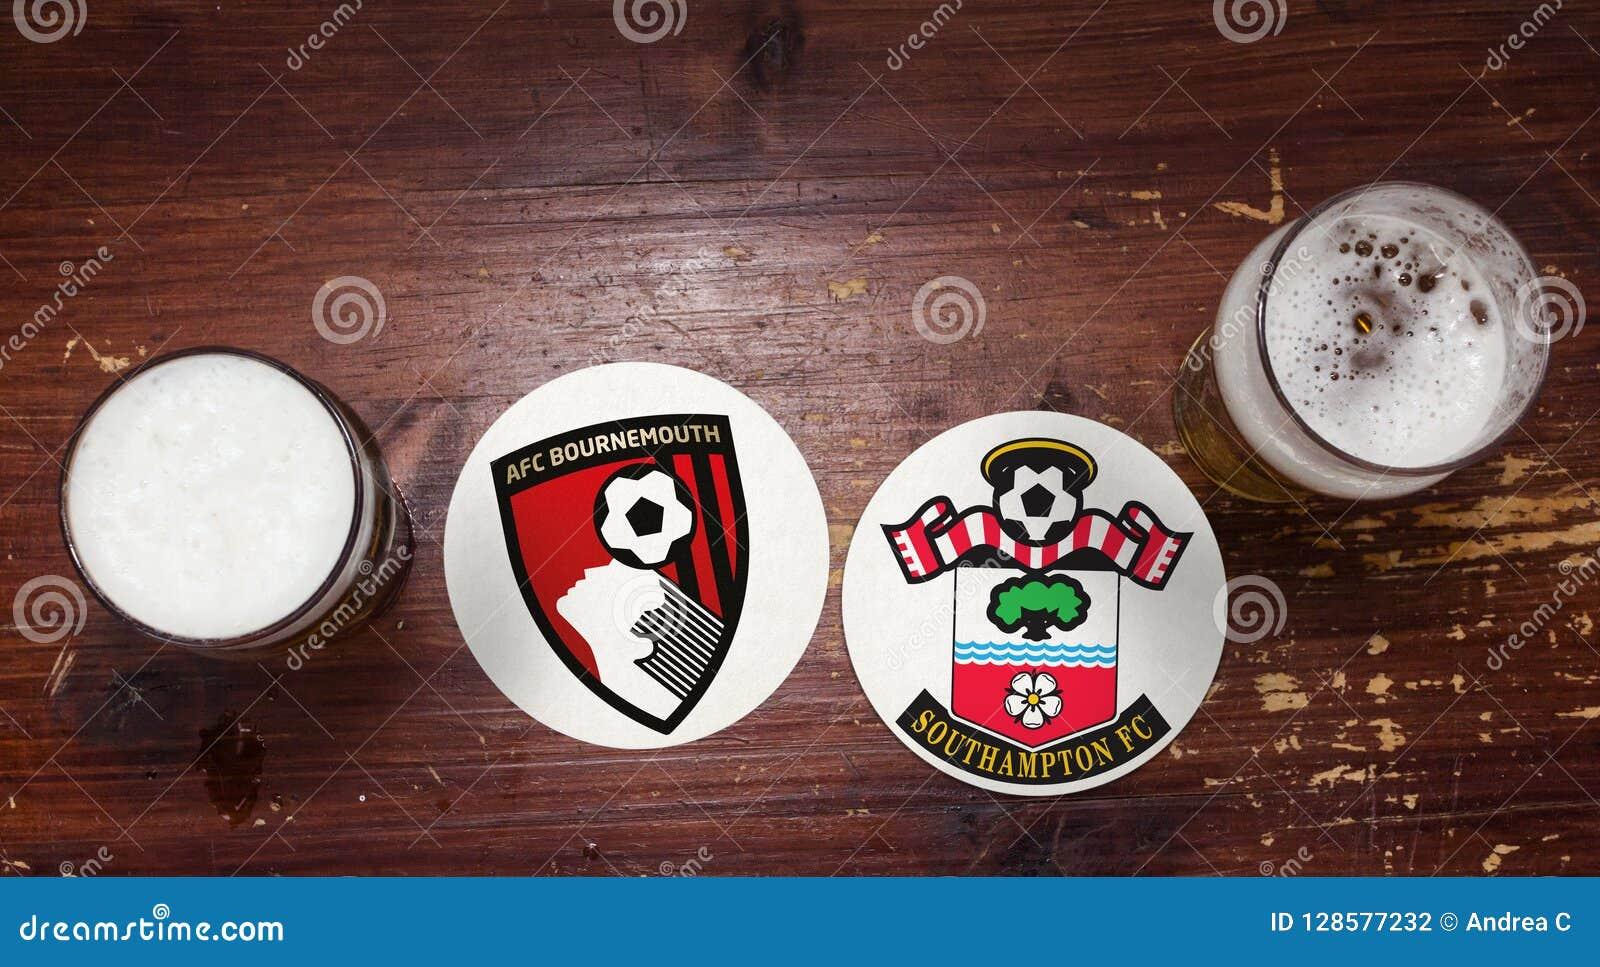 Bournemouth vs southampton